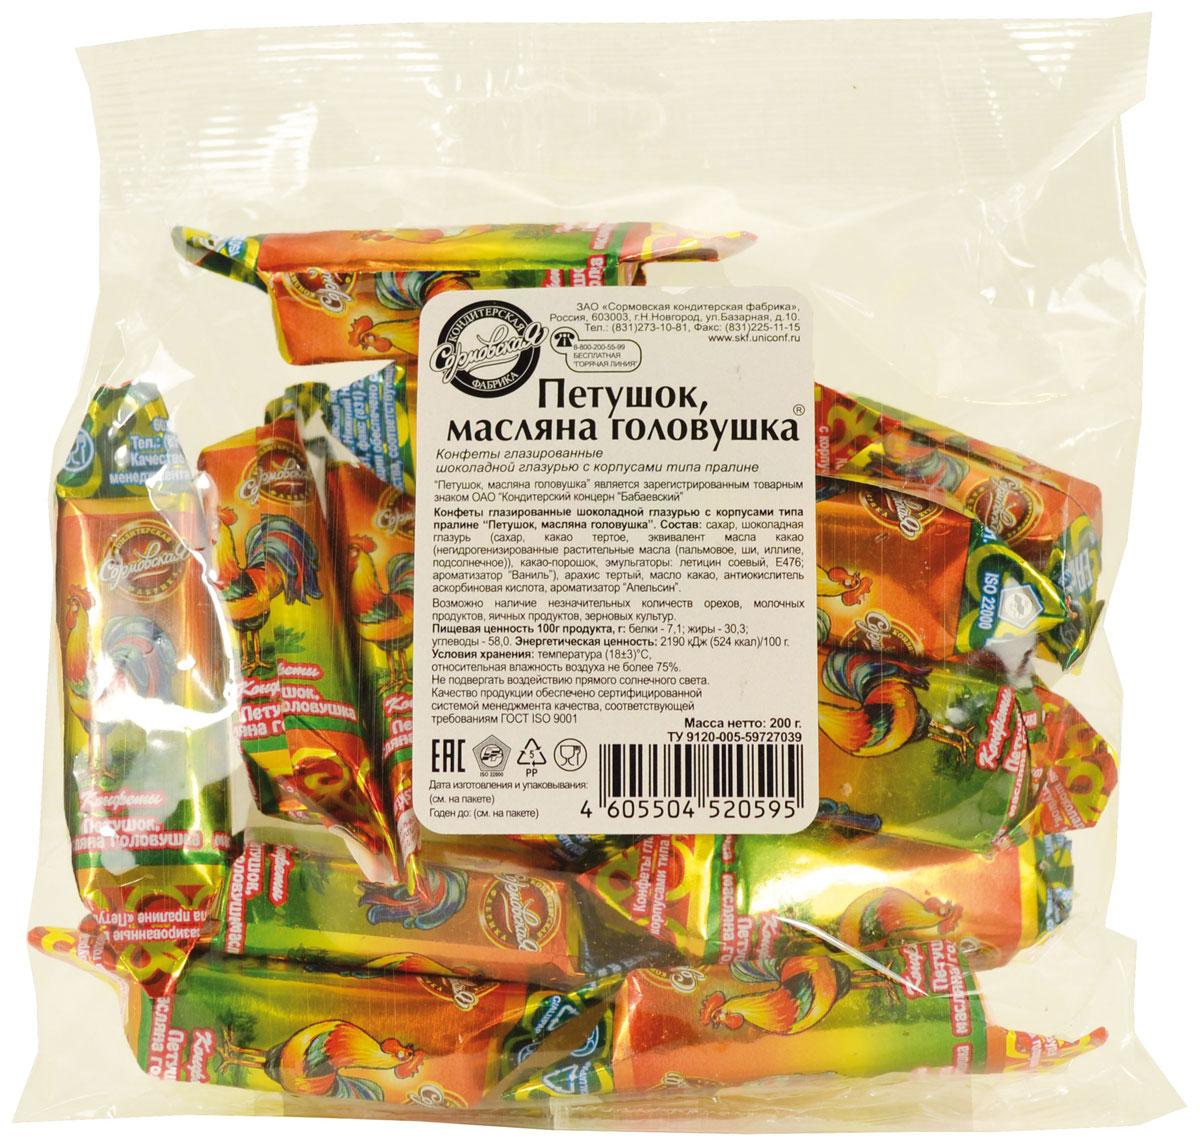 Петушок масляна головушка конфеты, 200 г0120710Классические конфеты на основе жареного арахиса с апельсиновым ароматом, глазированные шоколадной глазурью.